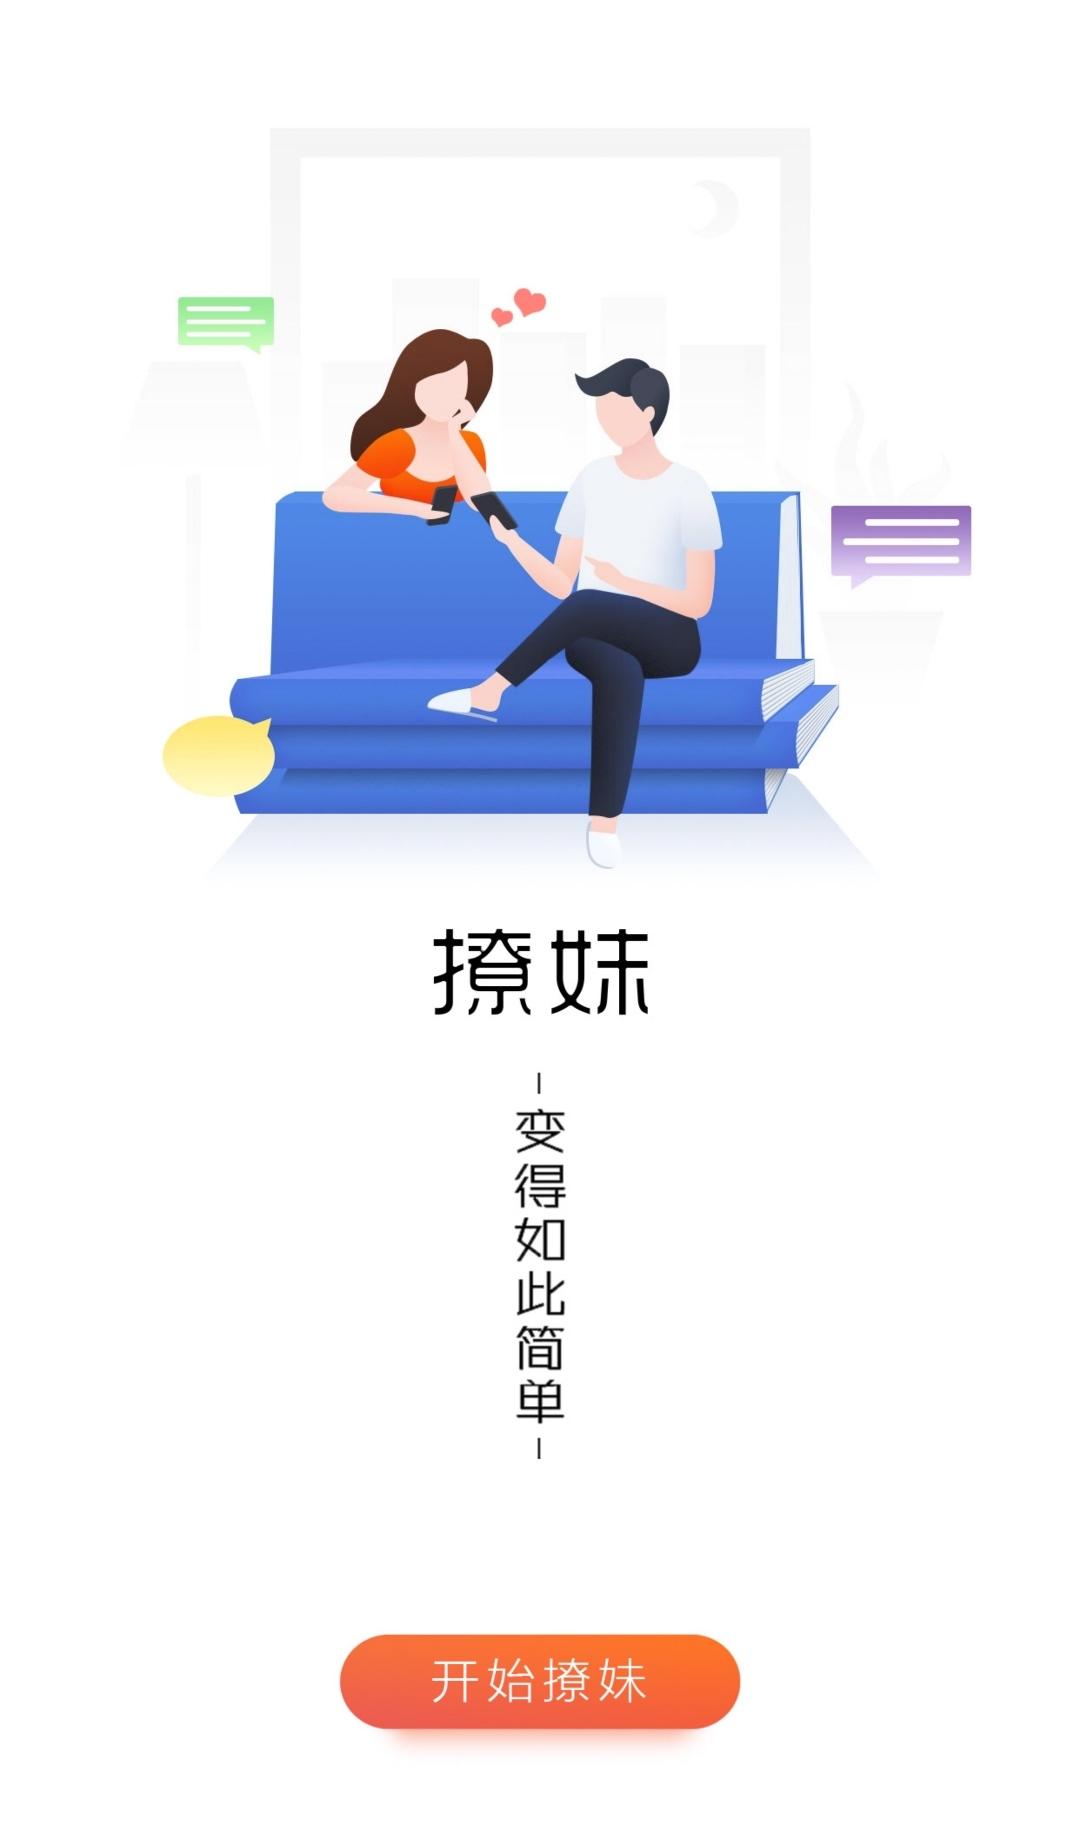 【分享】恋爱话术v9.9.9 破解会员版 登录即是永久会员 案例丰富